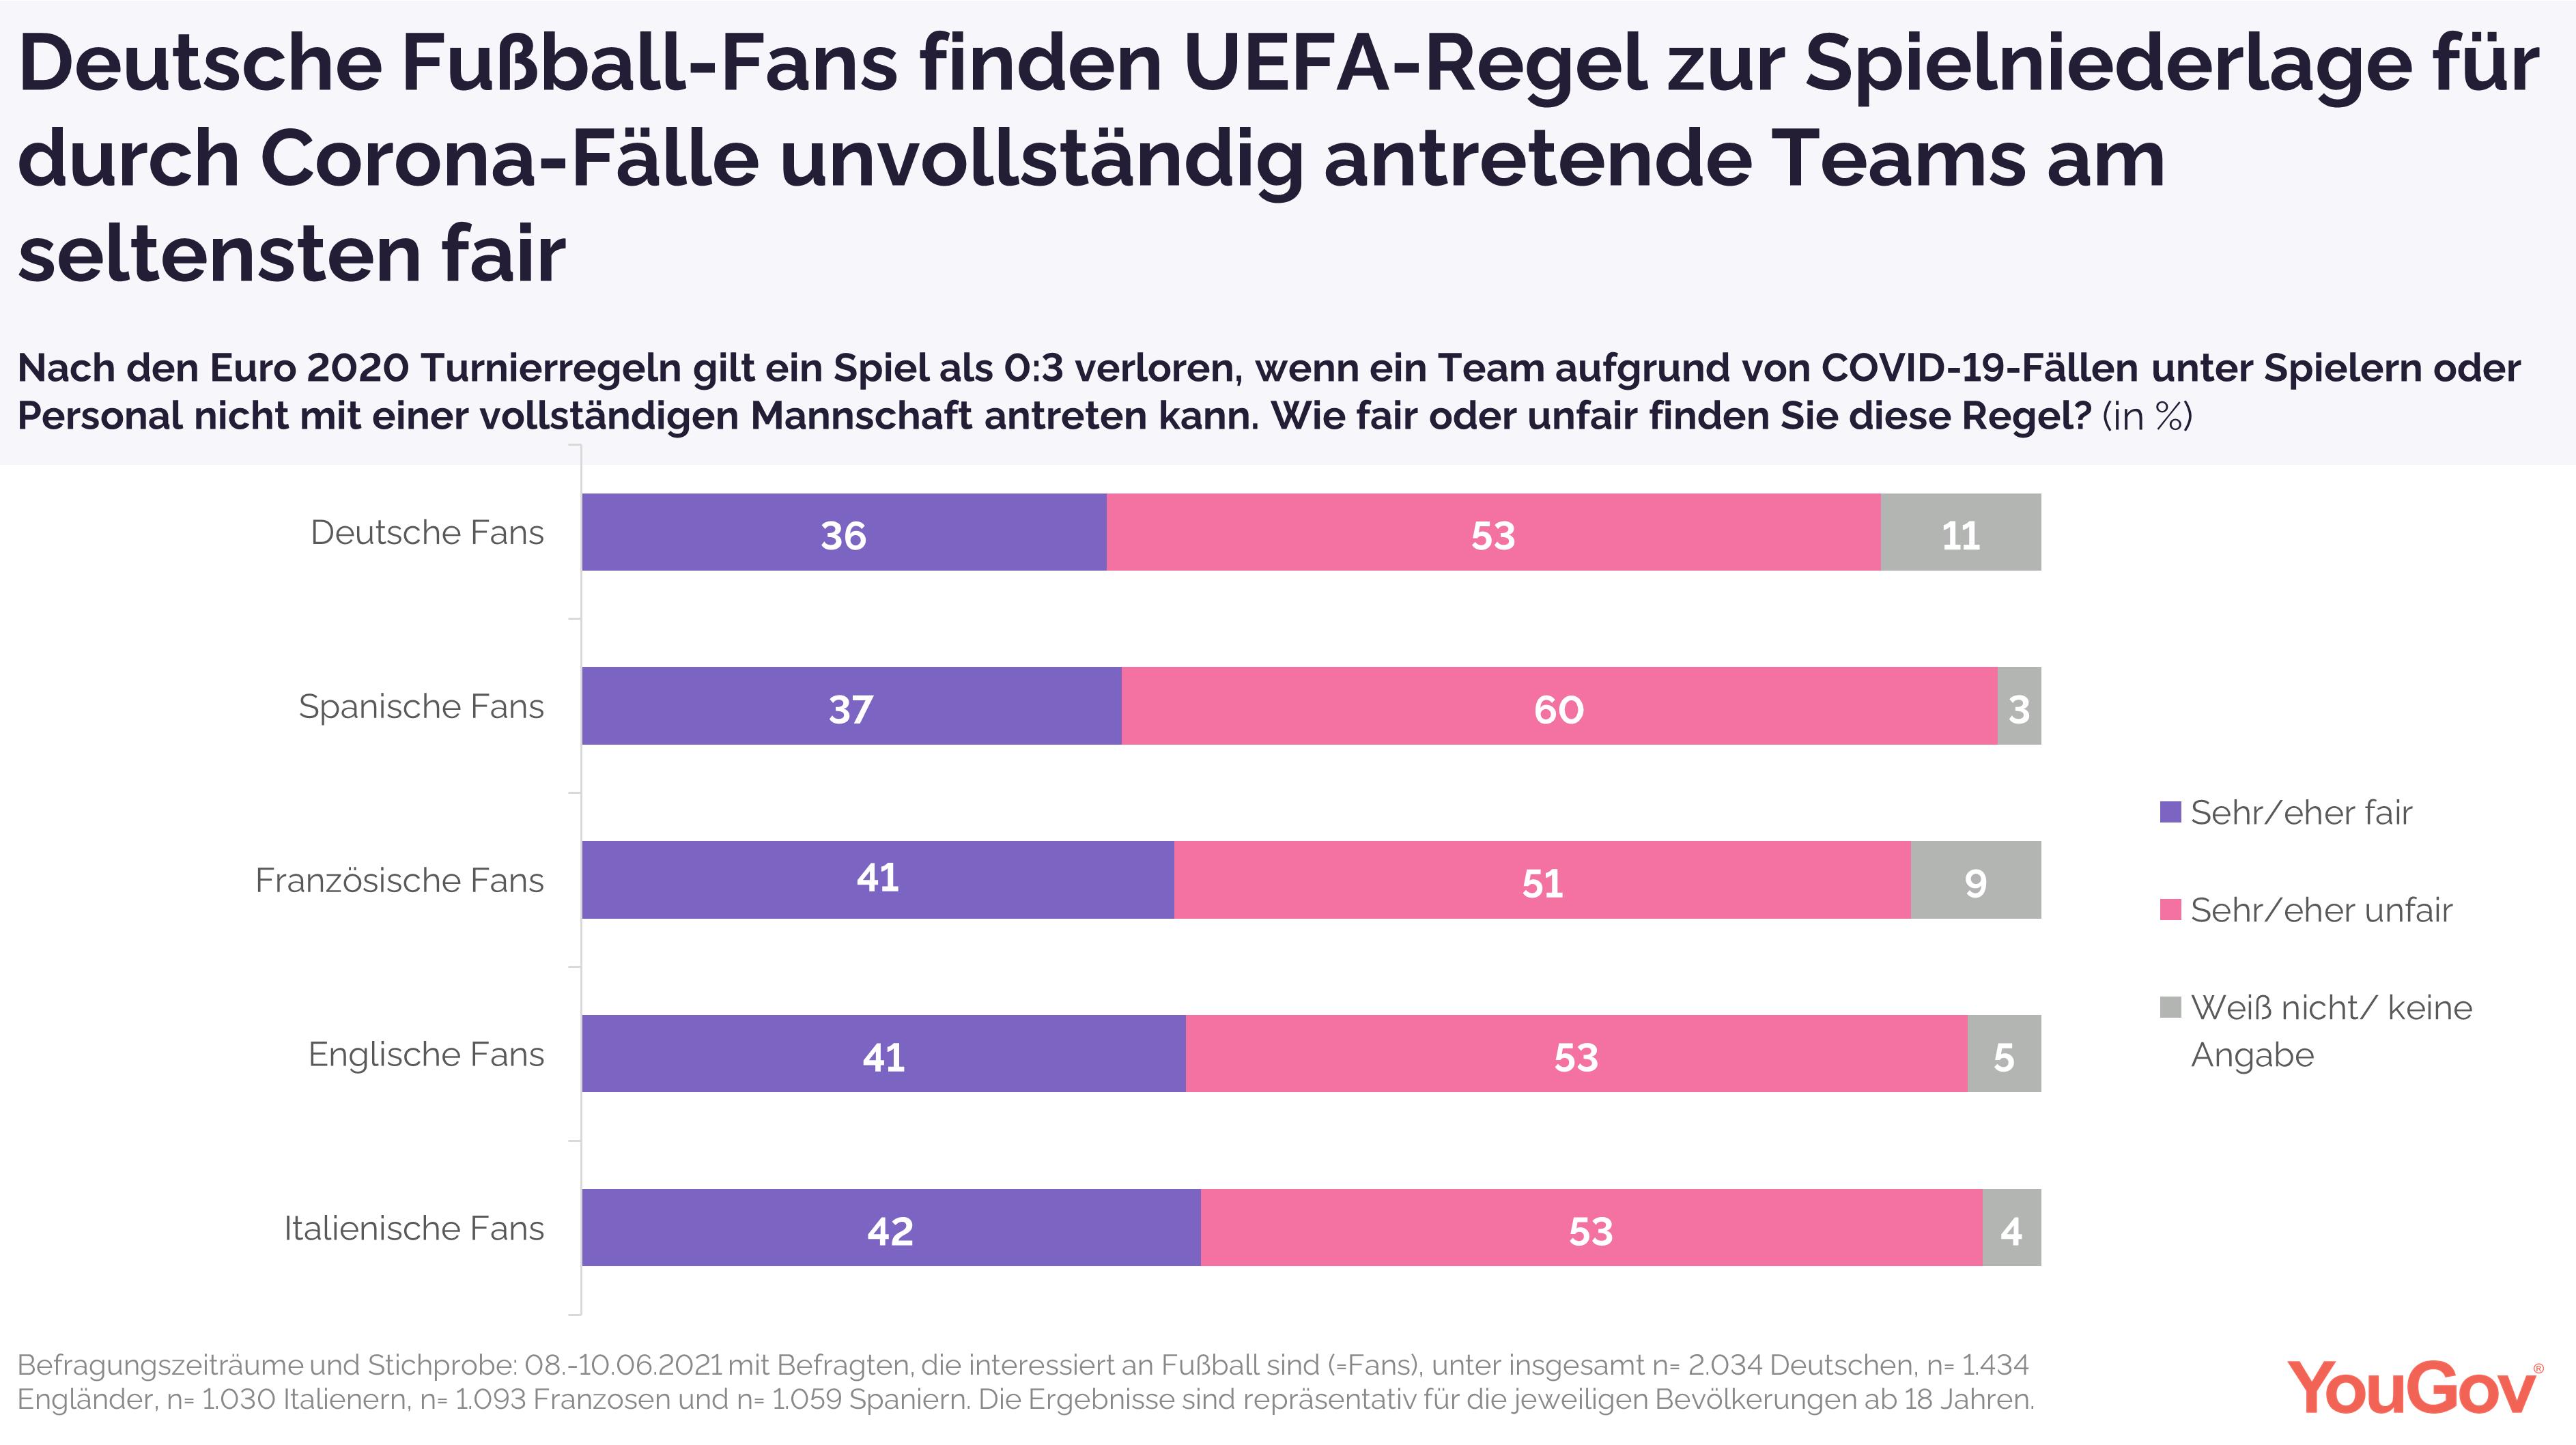 Deutsche Fußball-Fans finden UEFA-Regel zur Spielniederlage für durch Corona-Fälle unvollständig antretende Teams am seltensten fair